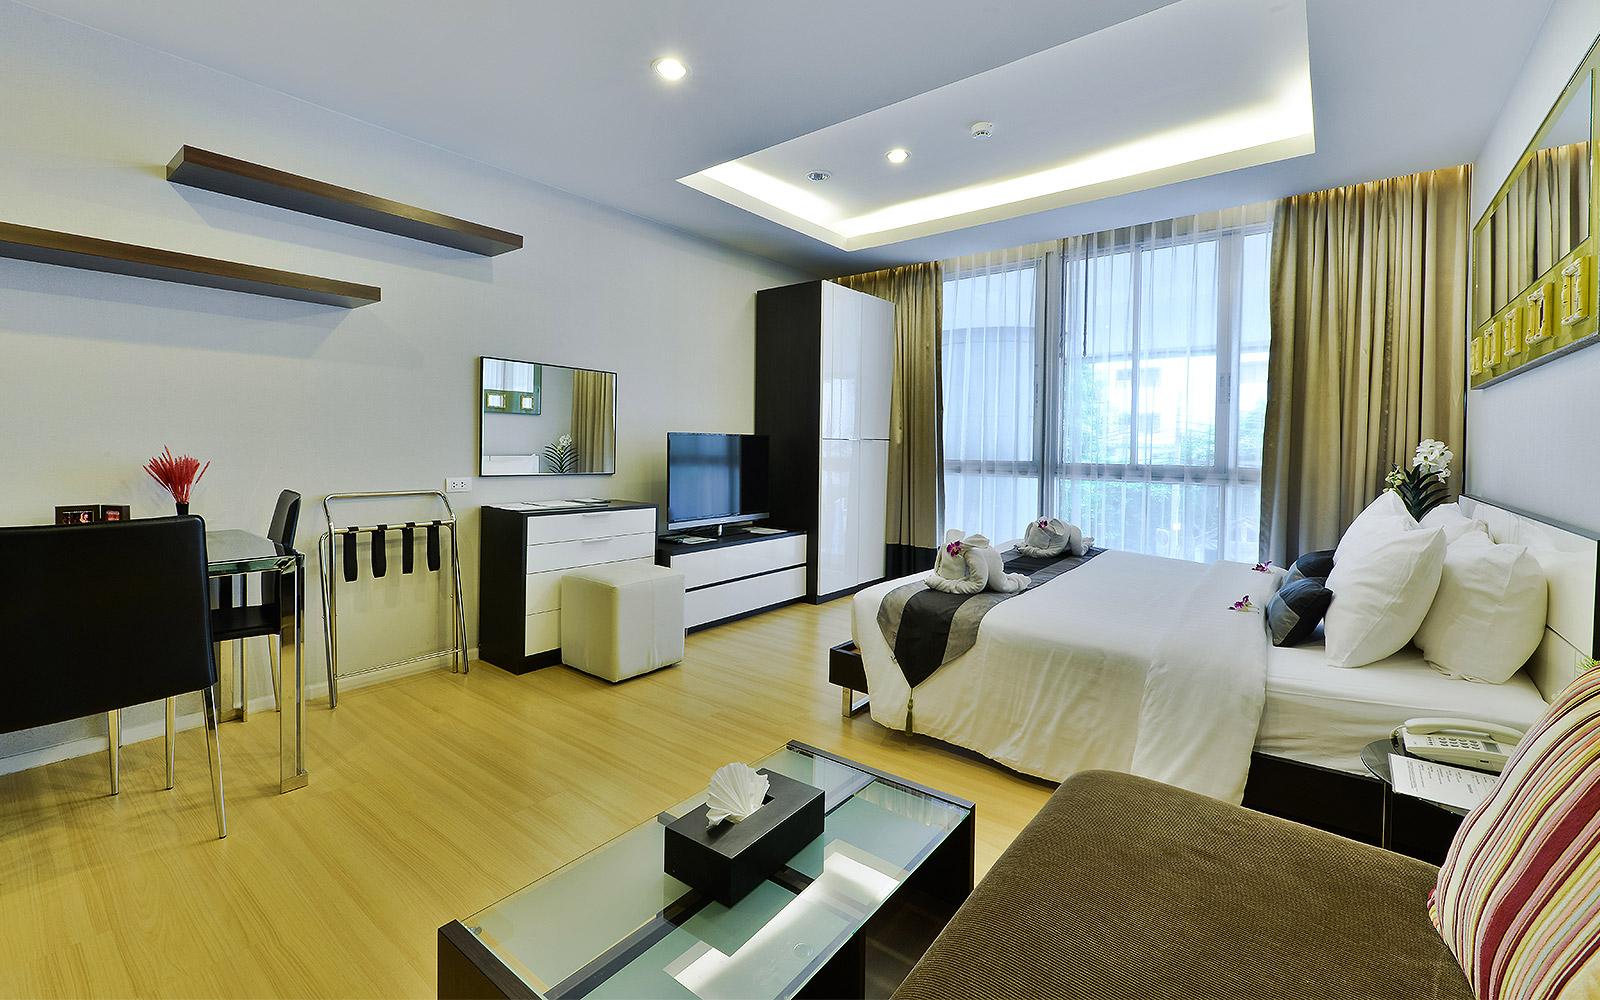 شقق فندقية في تايلاند بانكوك